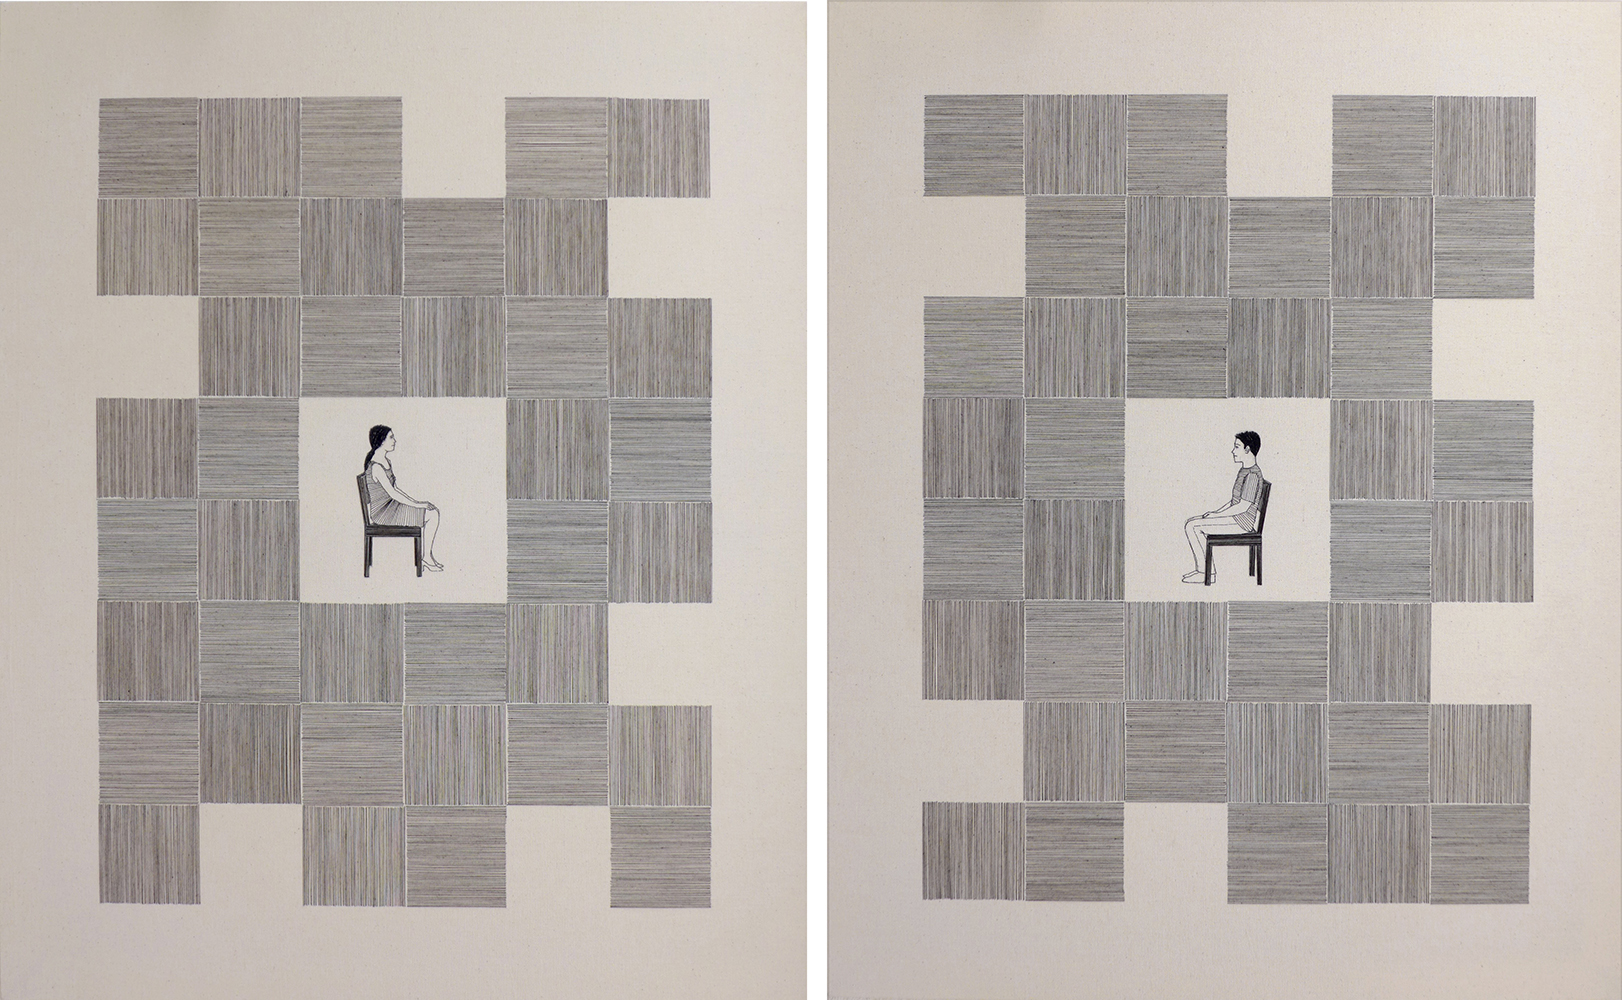 Gab Arte k2o art Bel Barcellos.Série Entre linhas (1 e 2 JUNTOS).desenho bordado sobre tecido.100 x 80cm.2016.ALTA